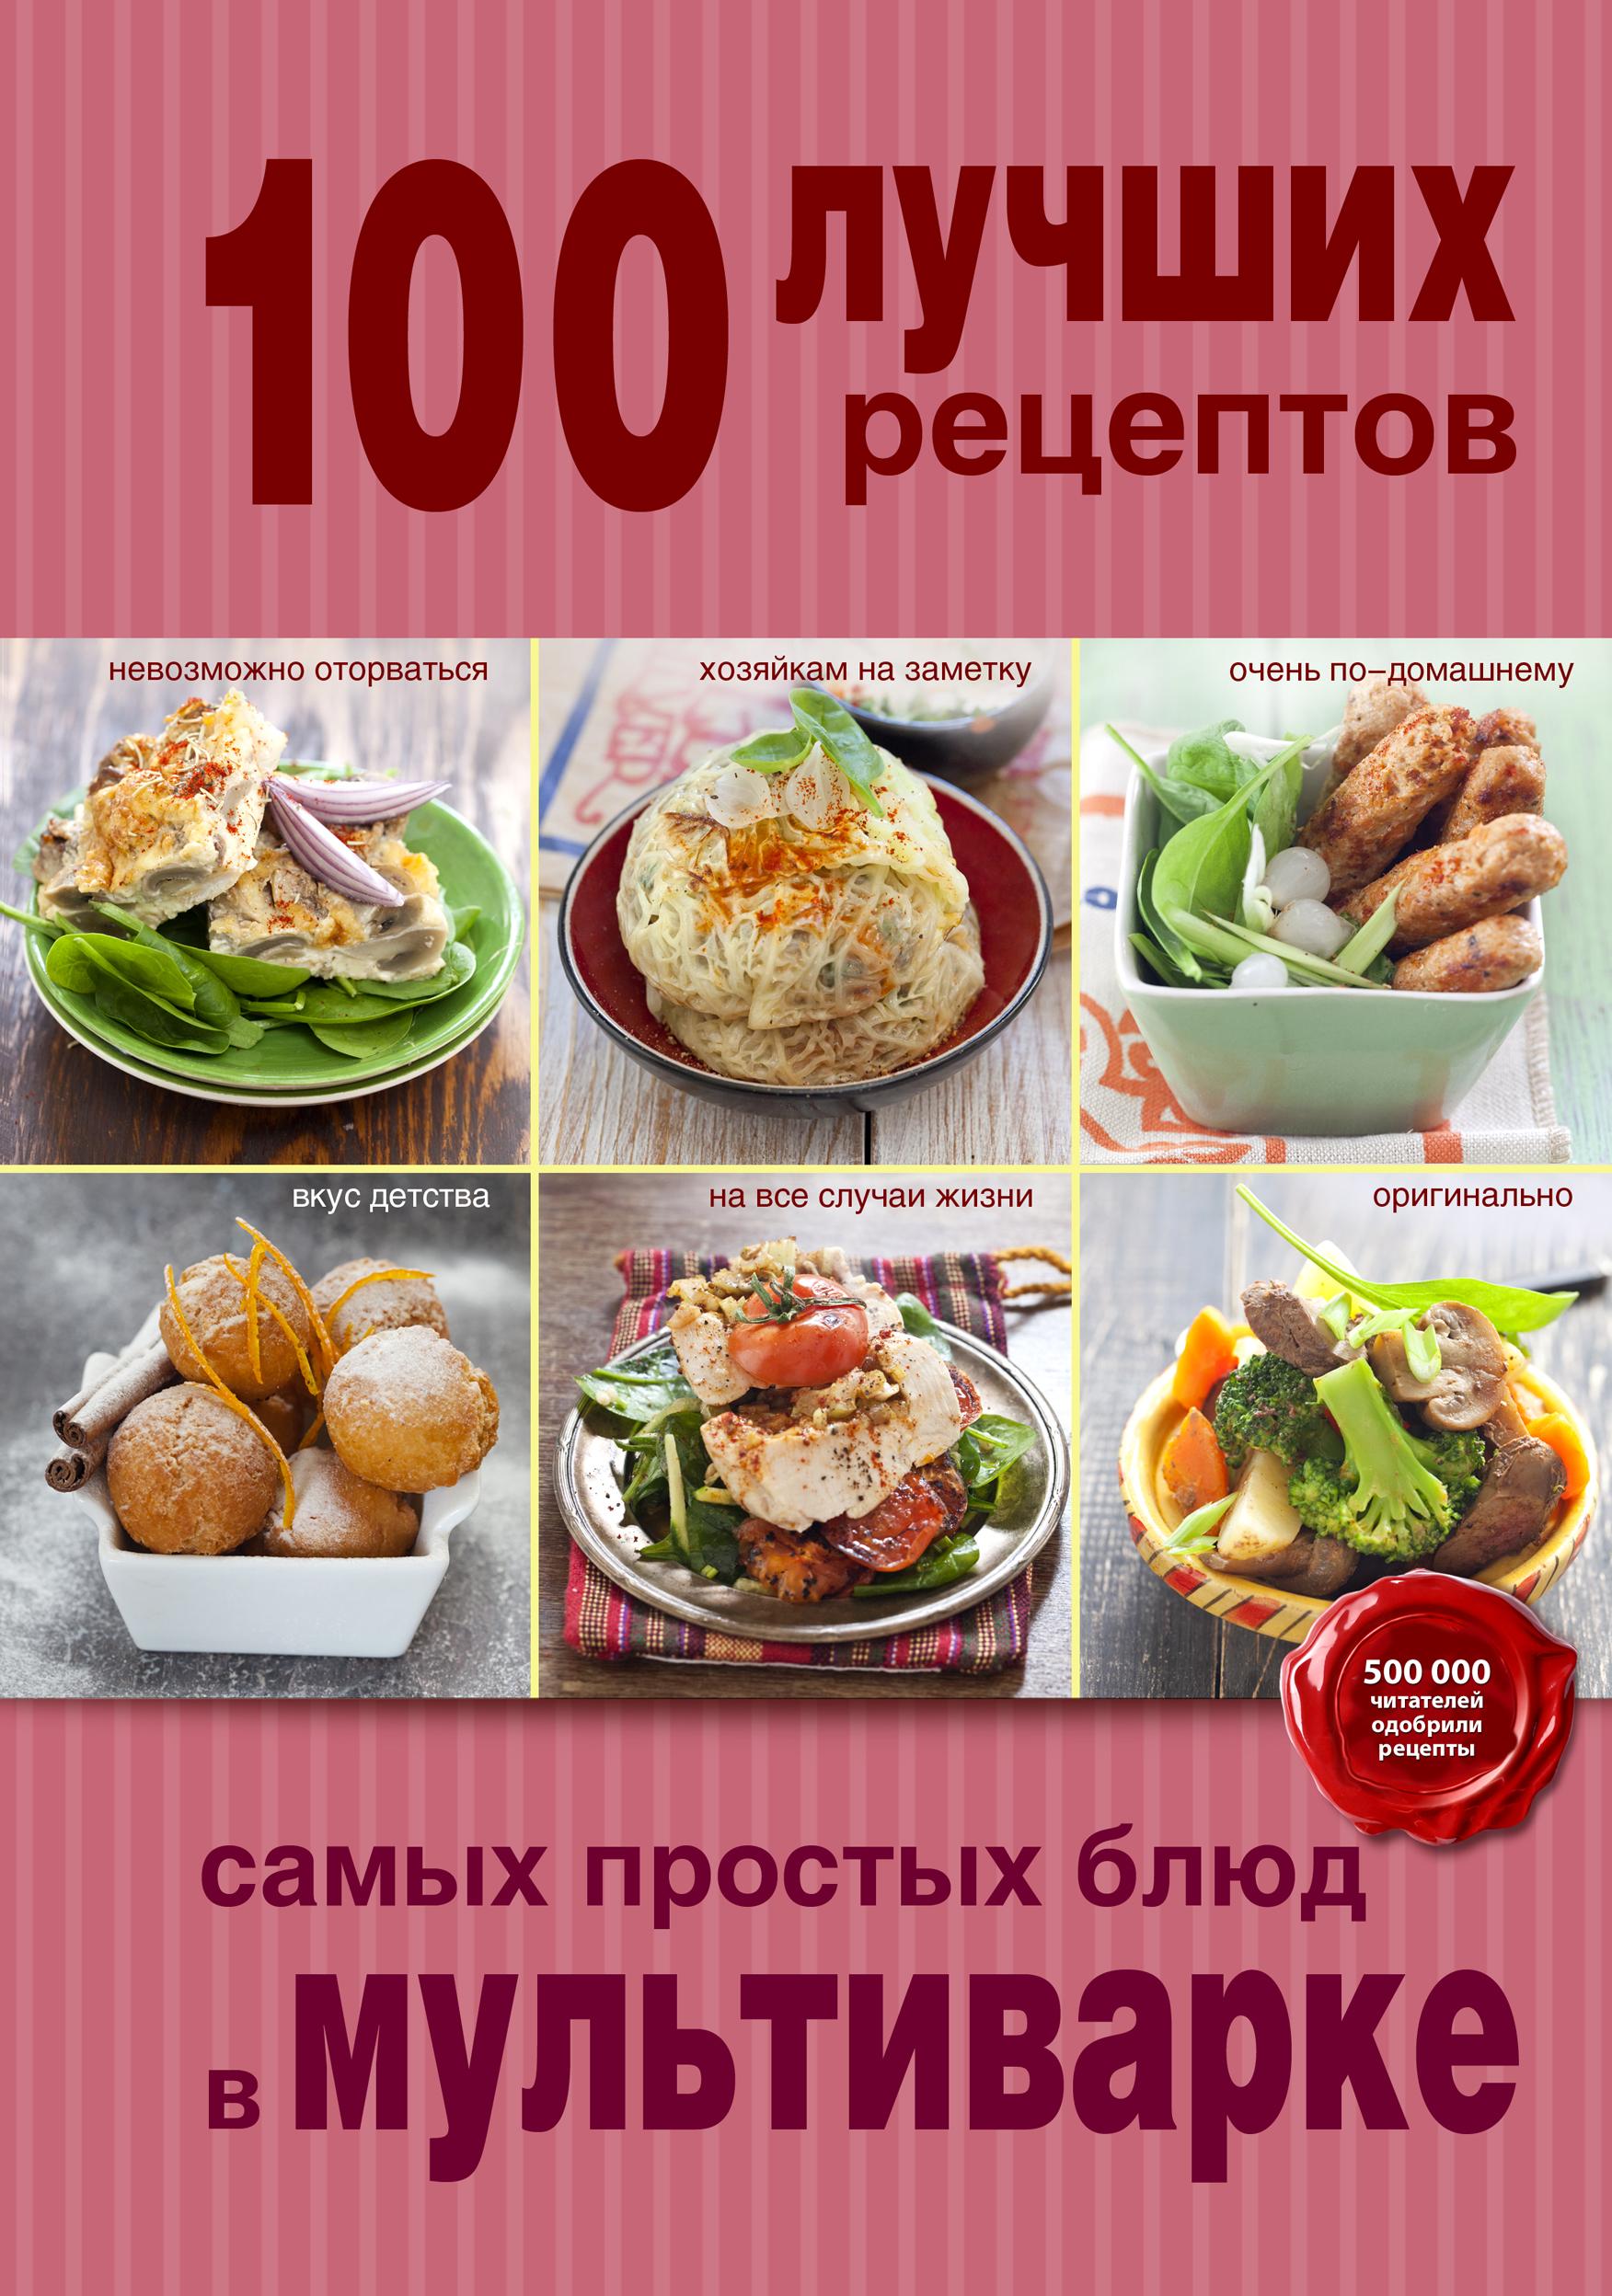 сайт рецептов простых блюд с фото